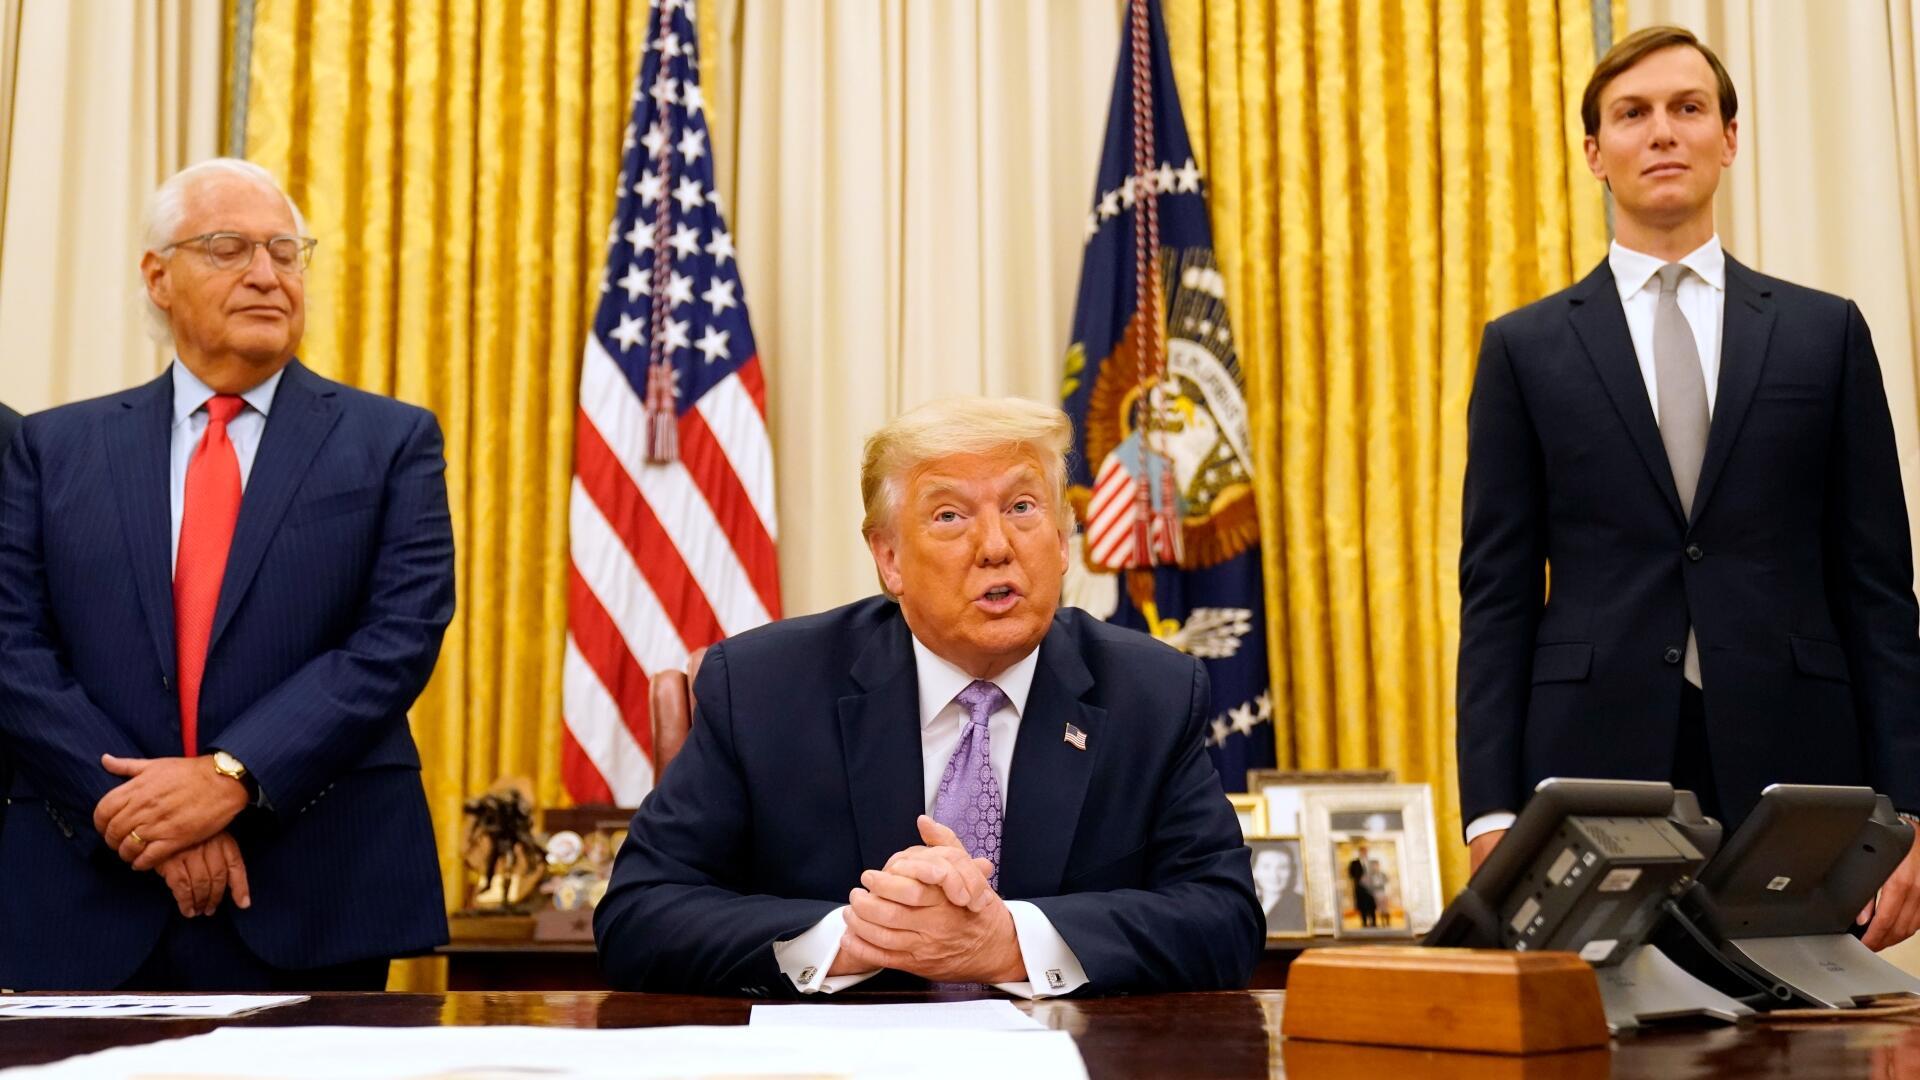 (特朗普8月13日在白宫椭圆形办公室。图源:《华盛顿邮报》)